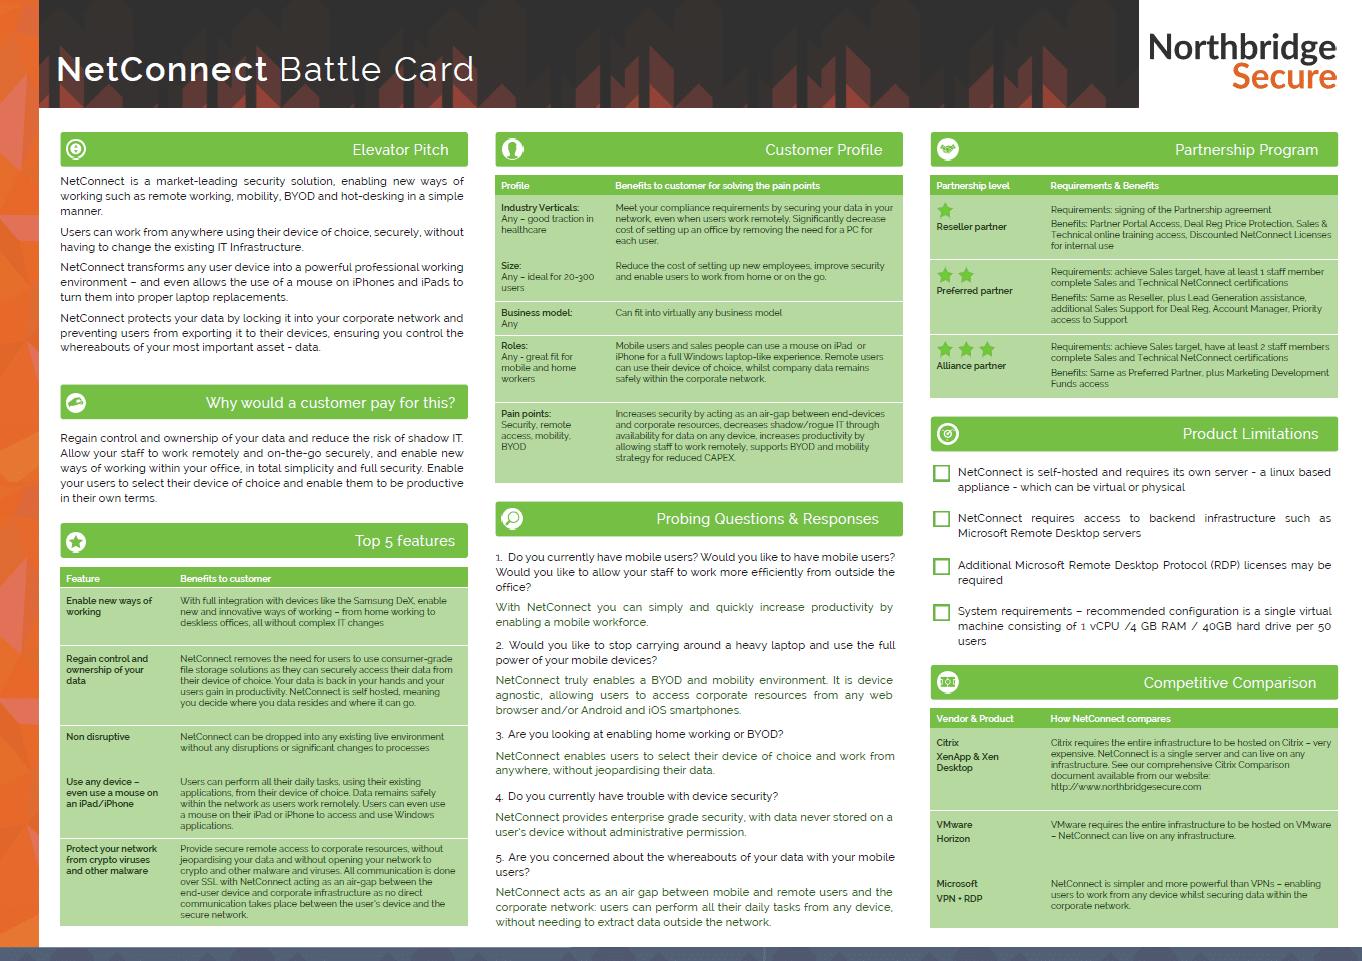 netconnect battle card